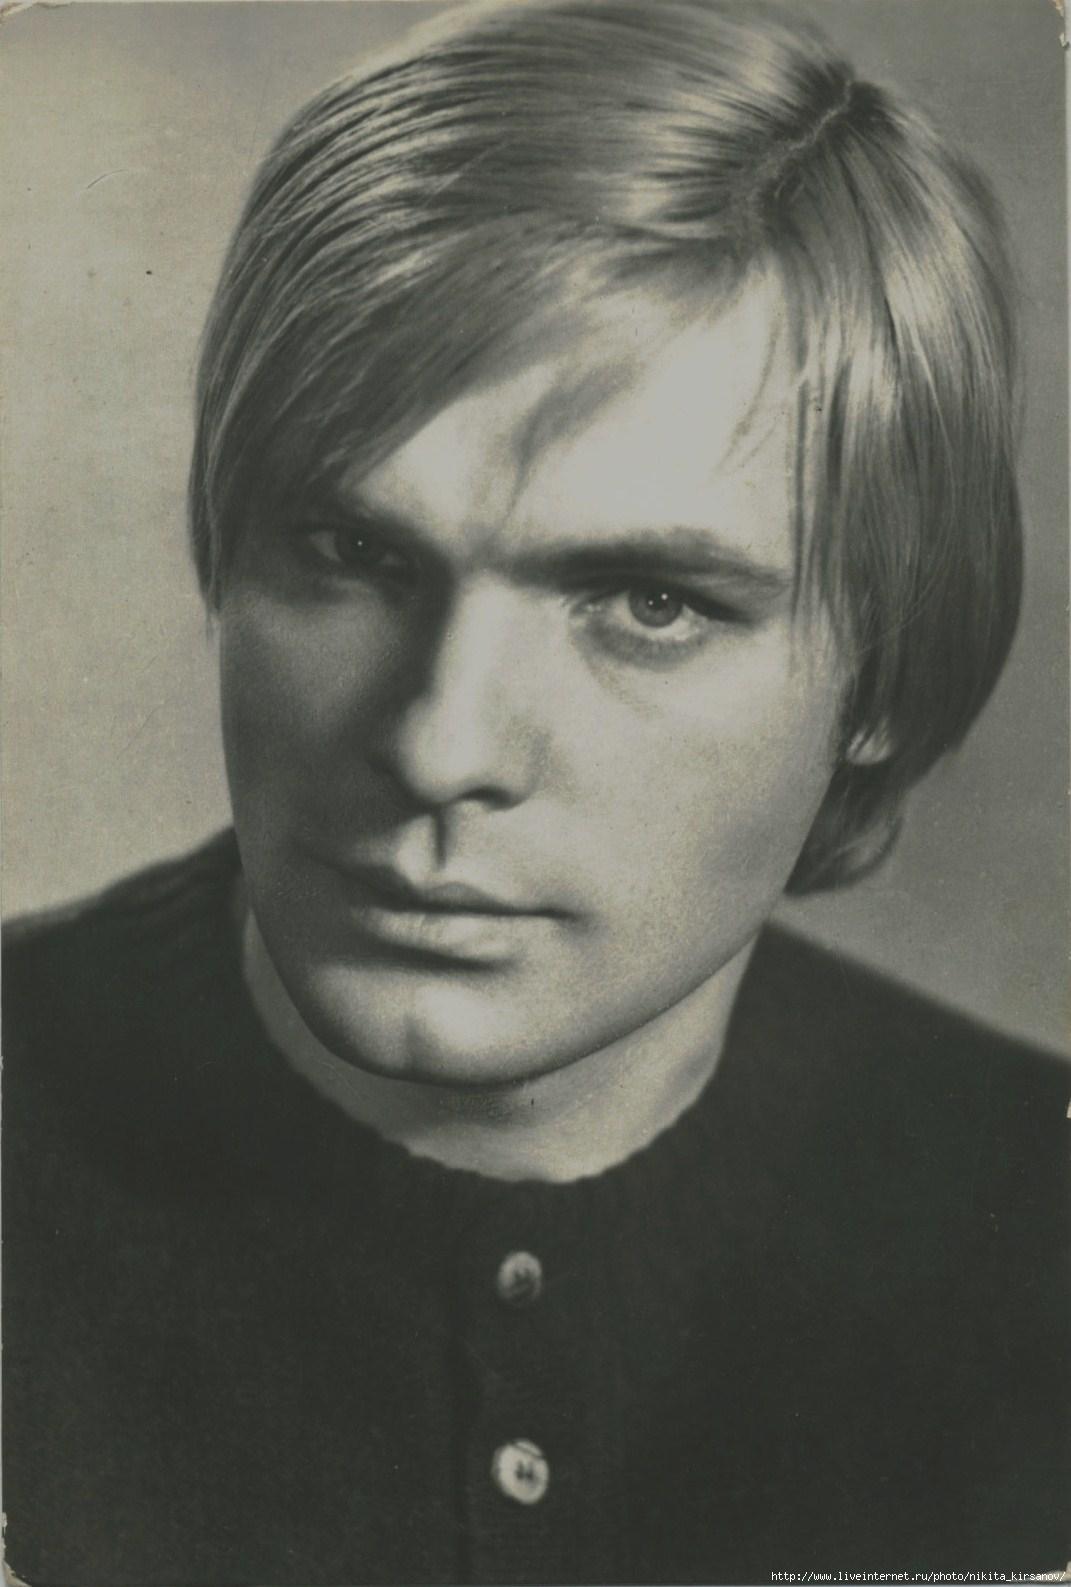 Олег Видов - биография, фото, фильмы, личная жизнь, жены, дети 70